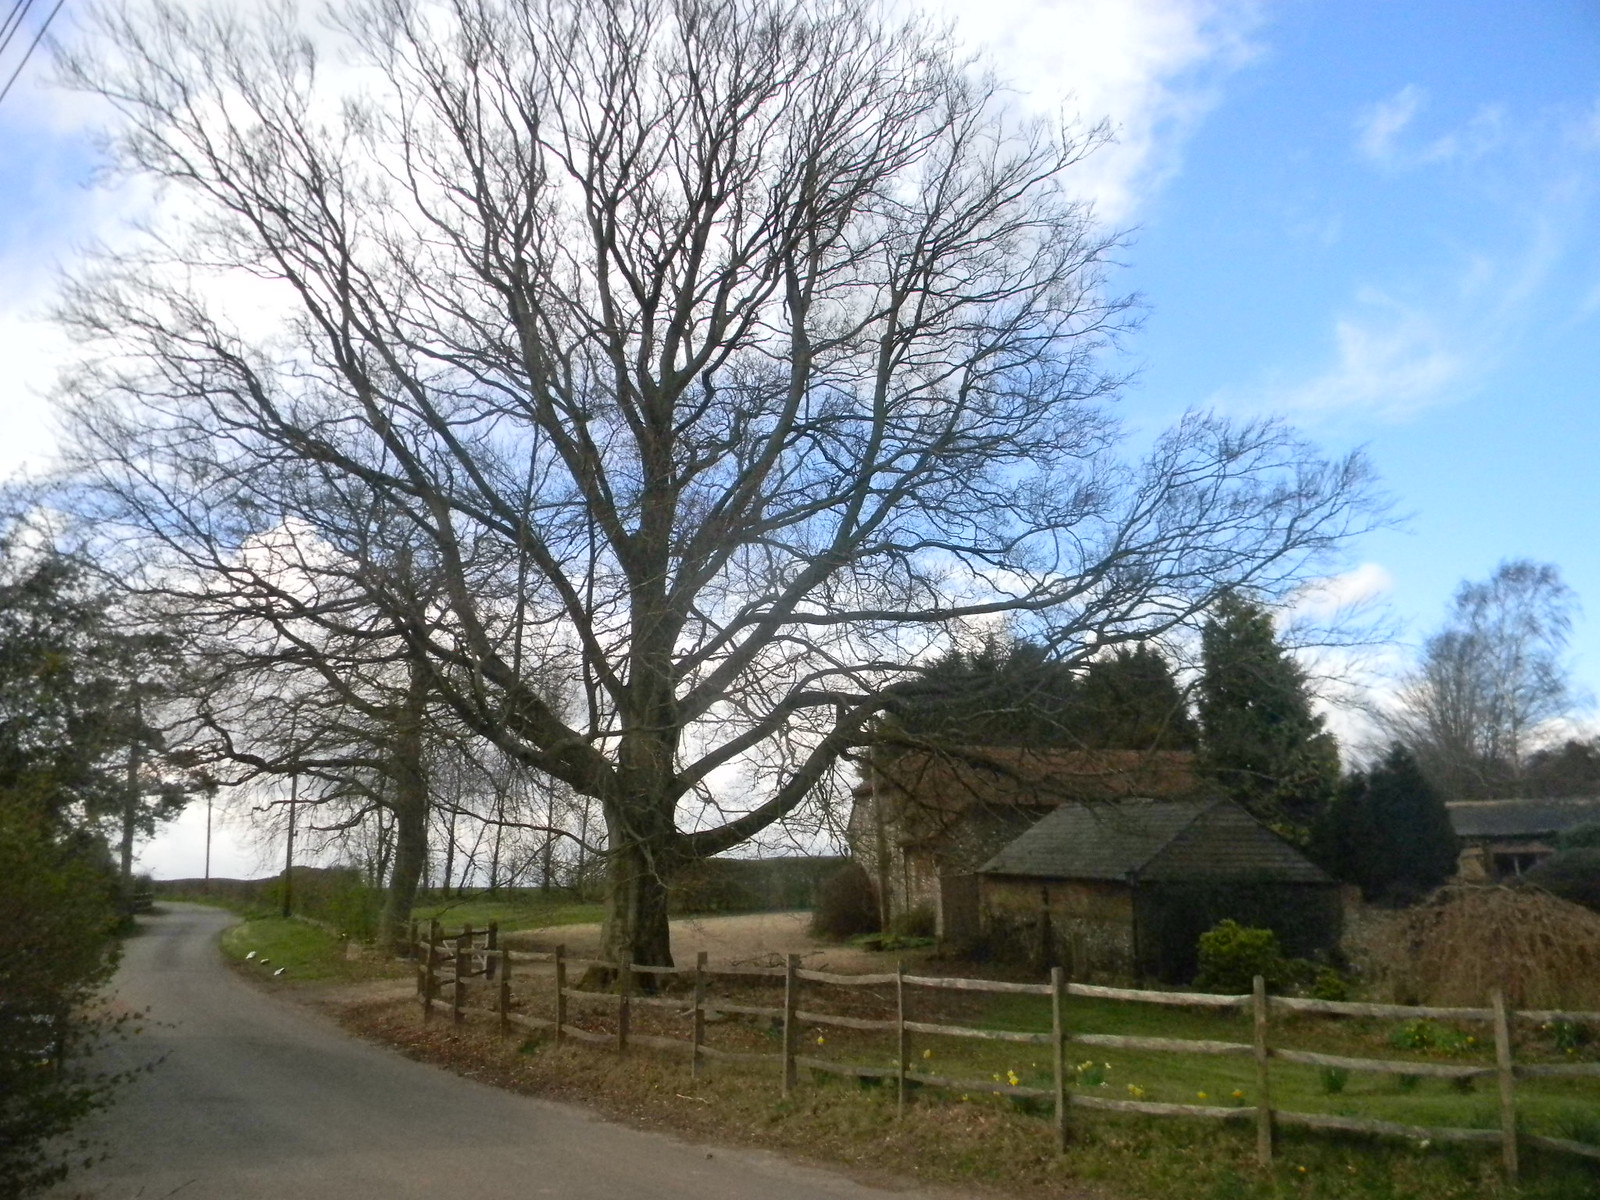 Opposite the Ringlestone Lenham to Hollingbourne